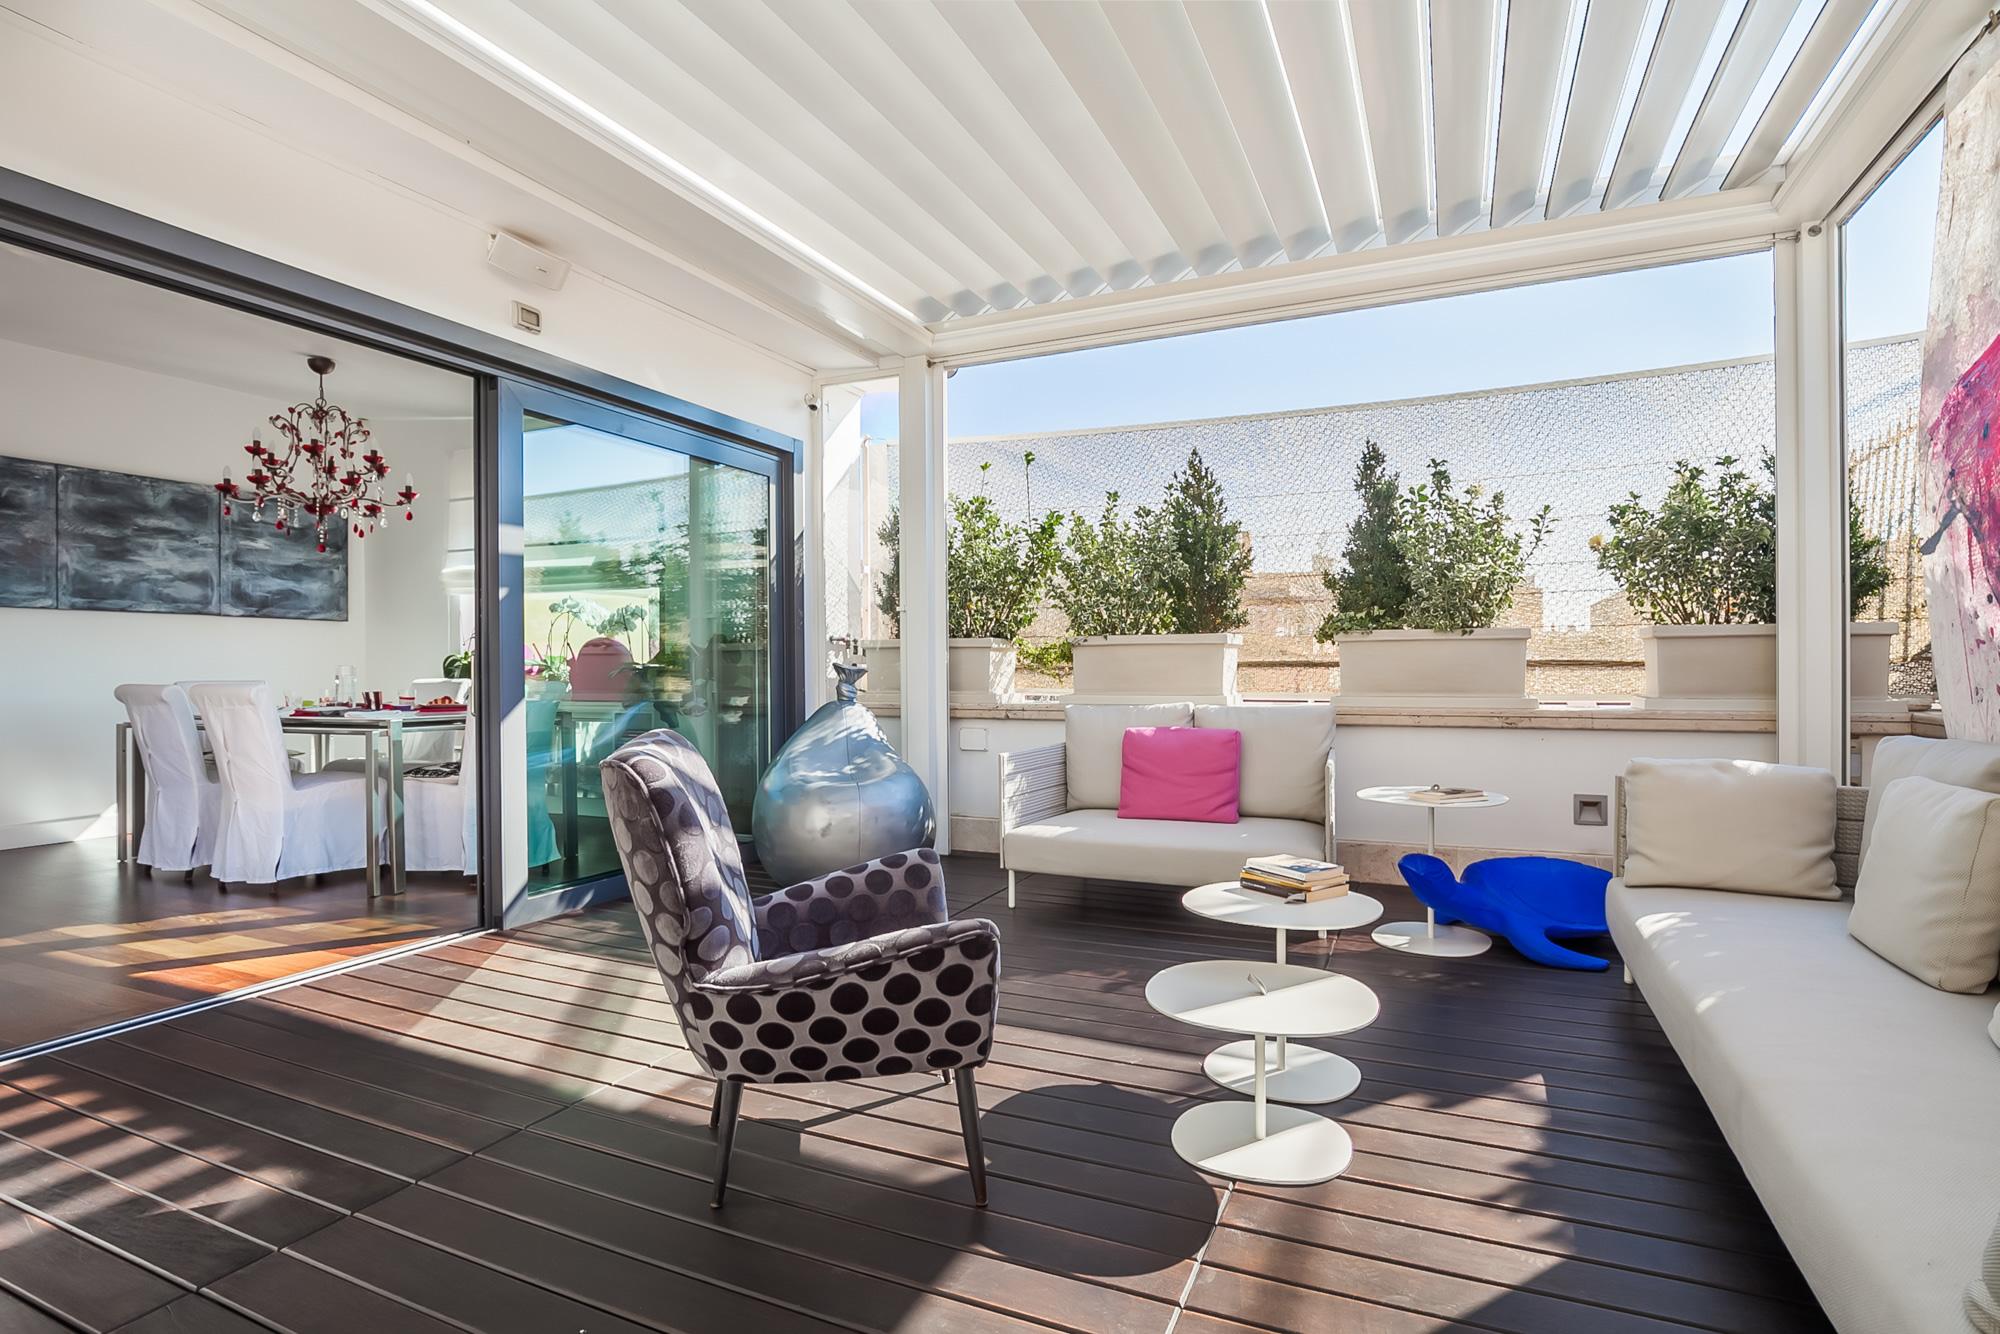 fantastic-home-silvia-zamarion-architetto-roma-home-001-11